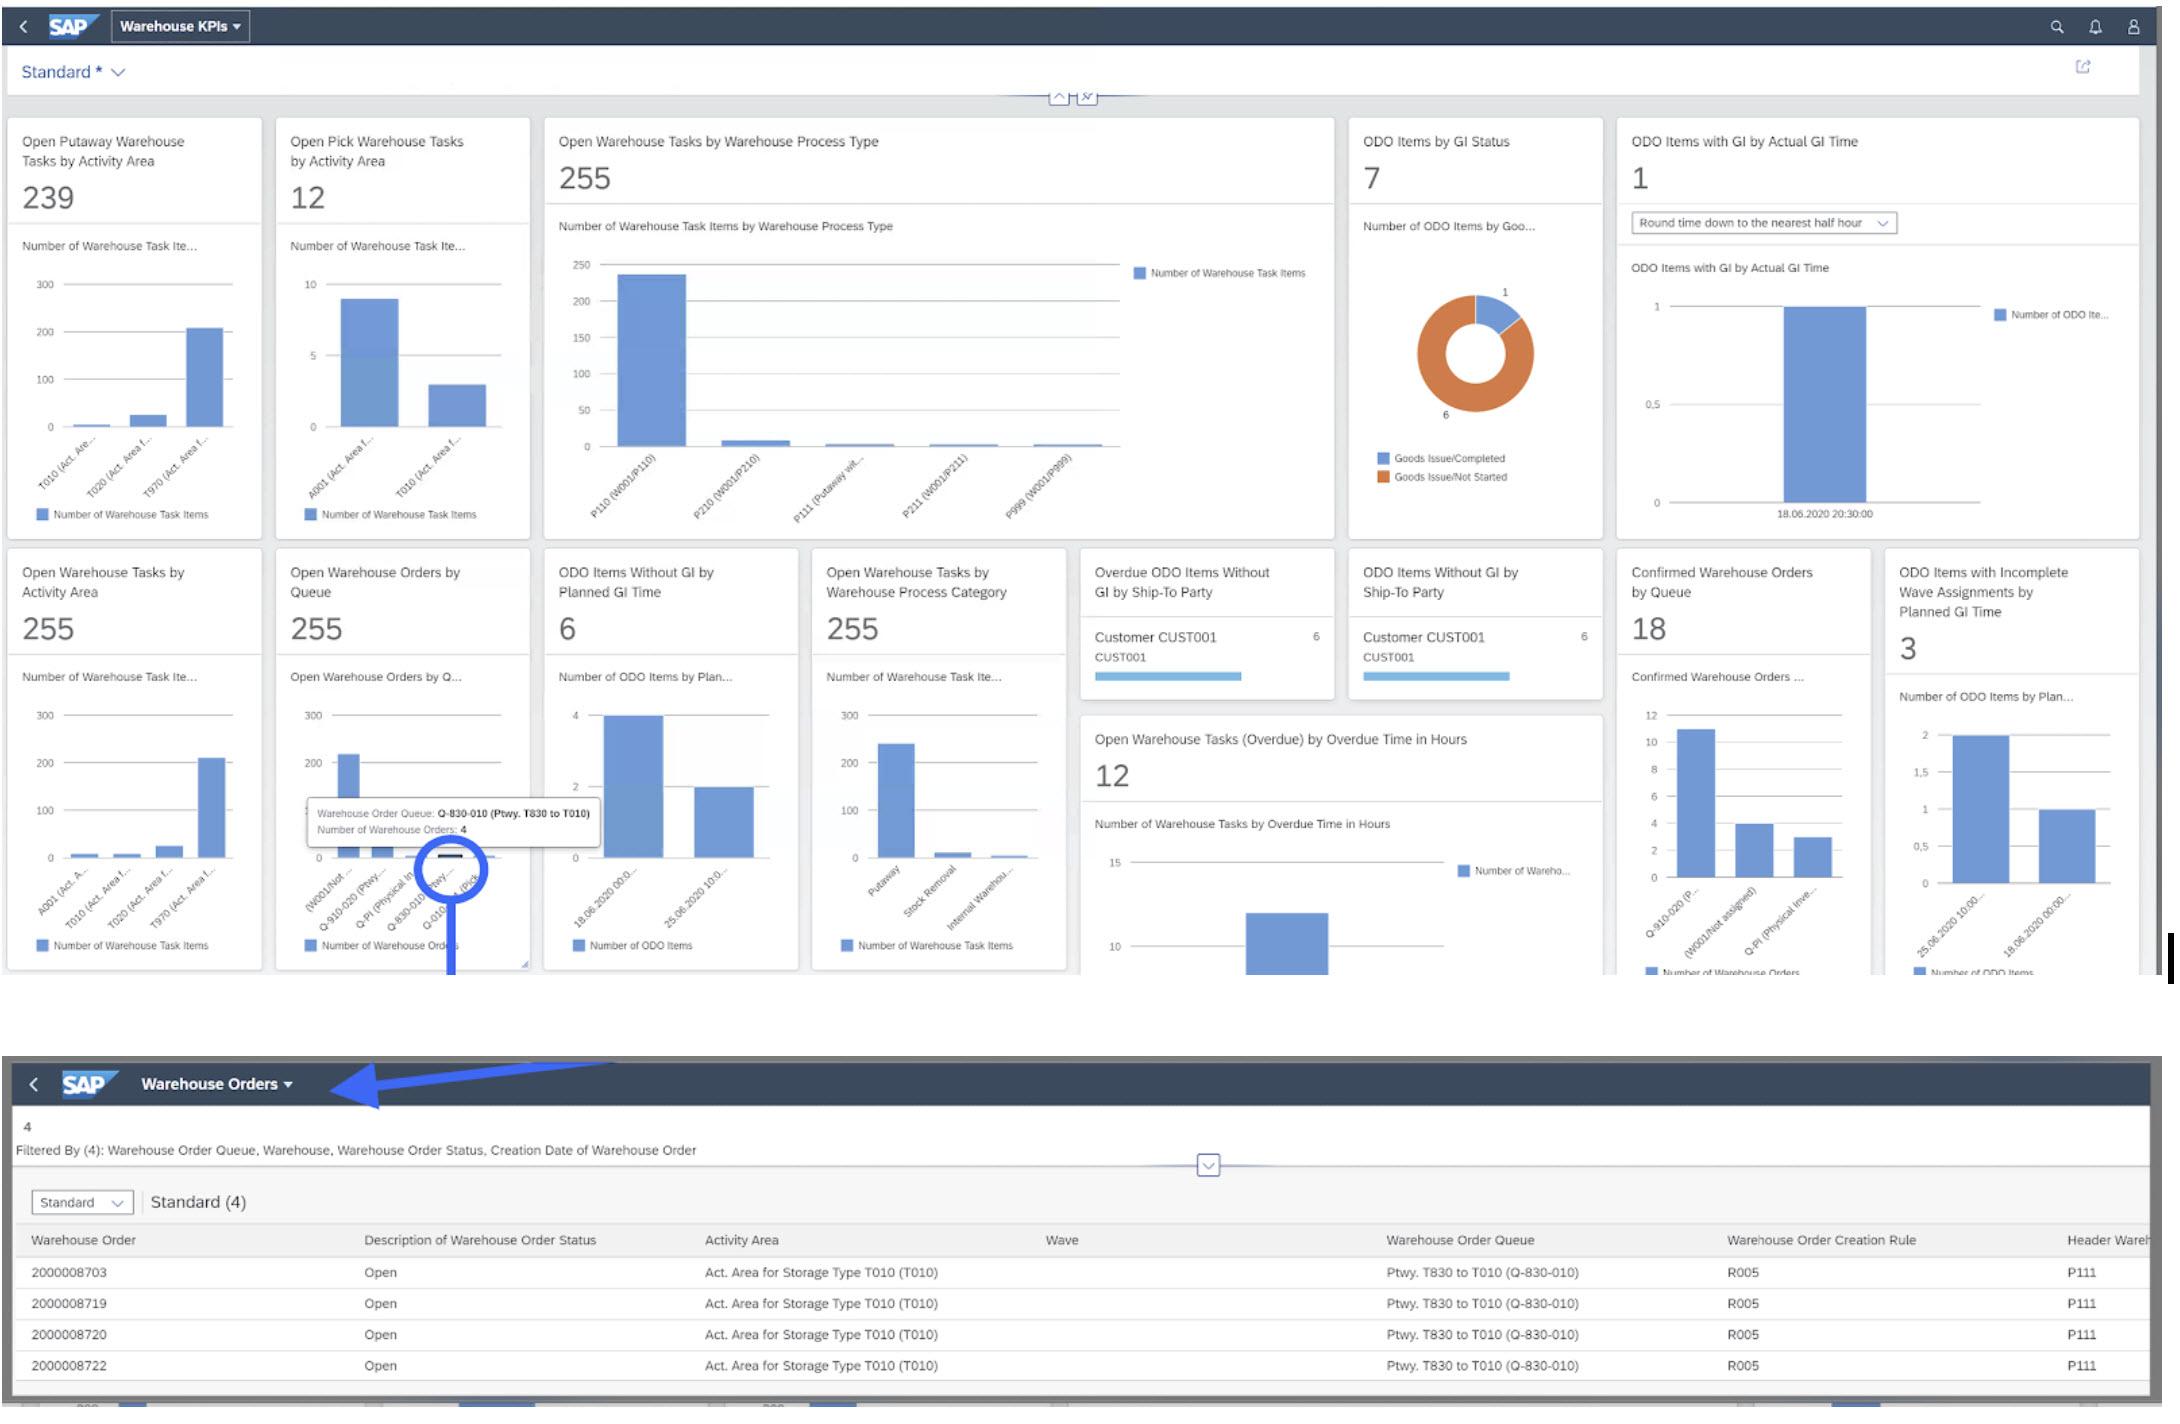 Warehouse KPIs for EWM on S/4HANA 2020